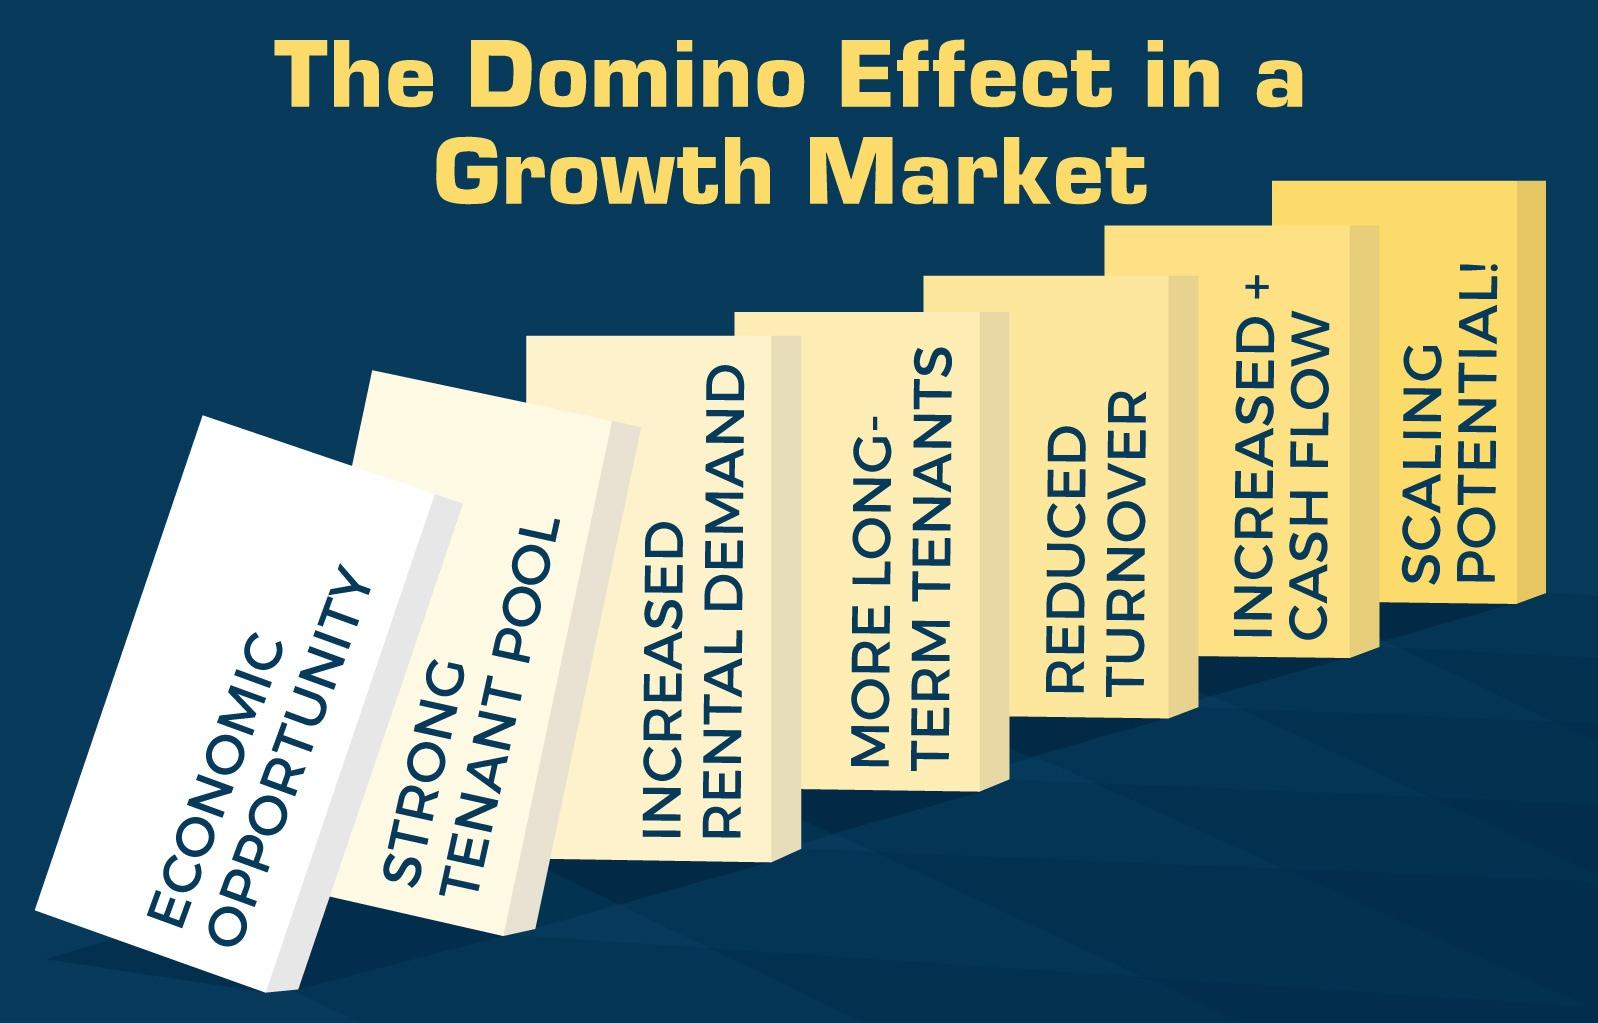 domino effect growing market